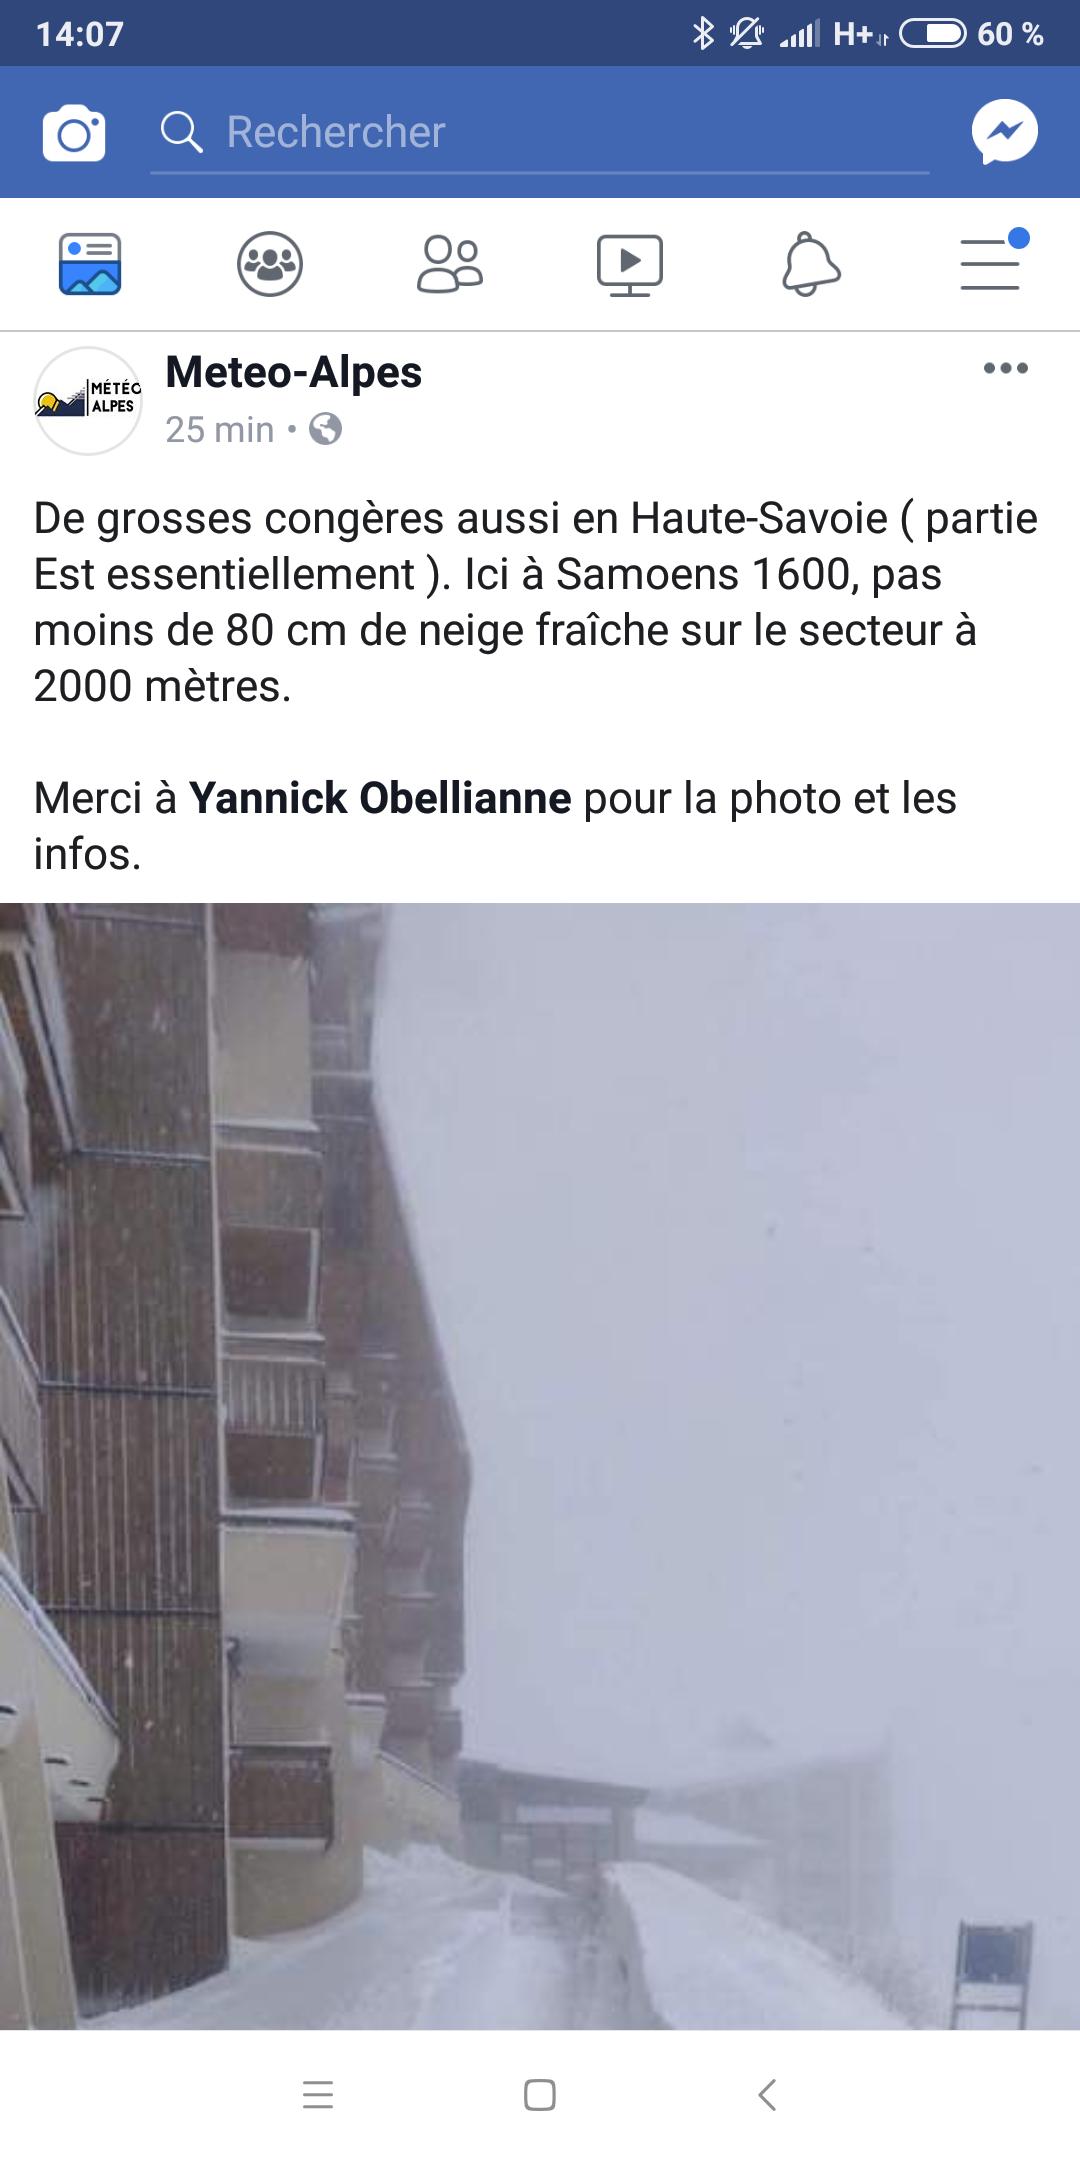 Screenshot_2018-12-10-14-07-13-187_com.facebook.katana